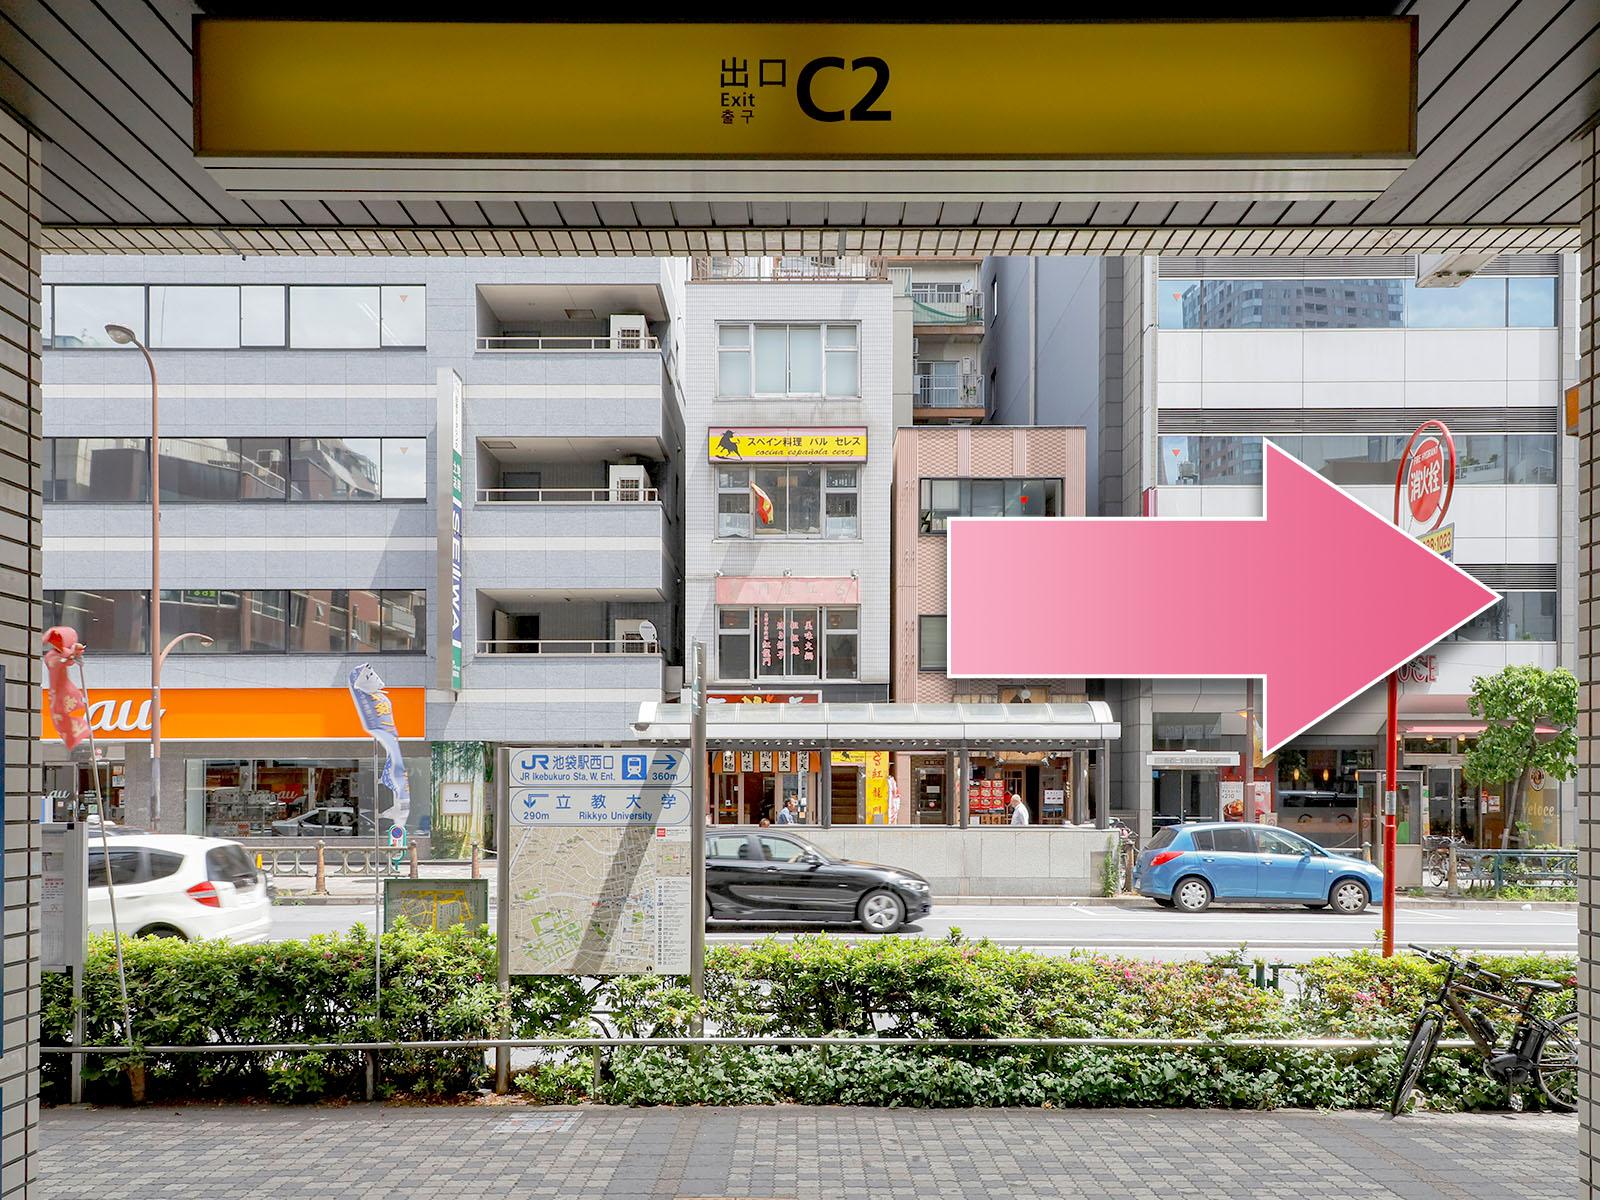 東京中央美容外科池袋西口院C2出口ルート06